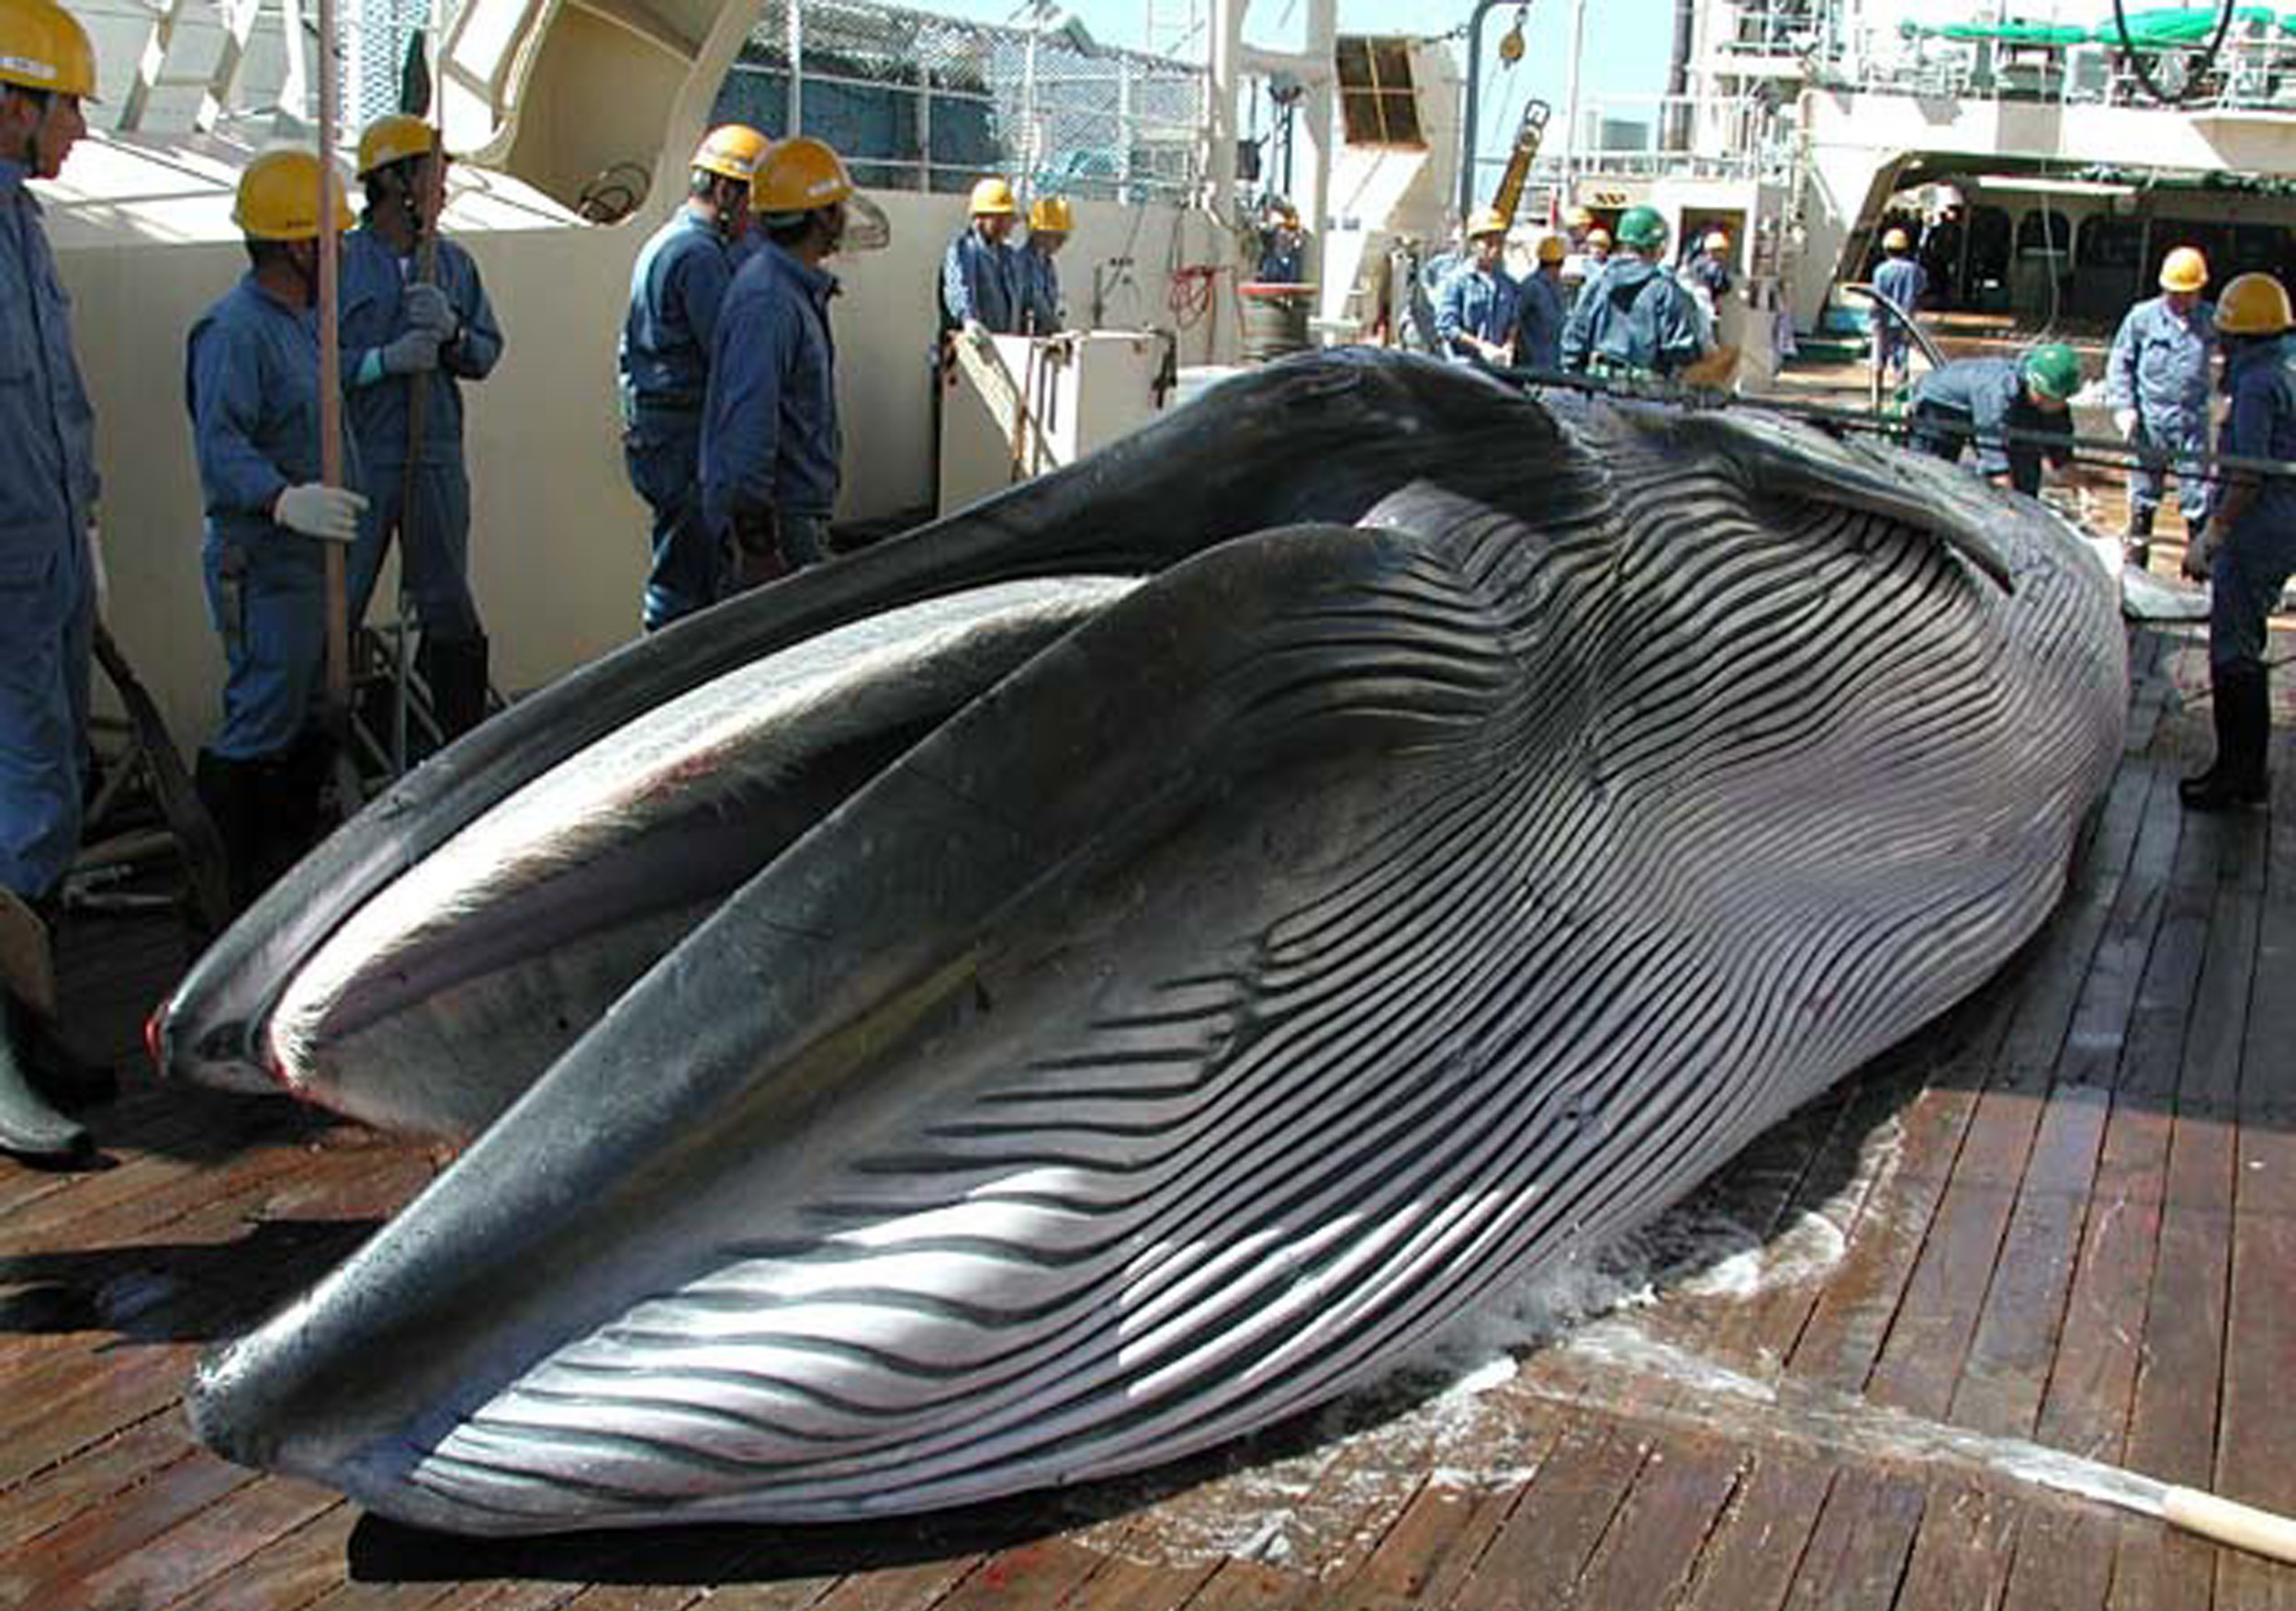 Egy jelentés szerint Japán kilépne a Nemzetközi Bálnavadászati Bizottságból, hogy újrakezdhesse a kereskedelmi bálnavadászatot